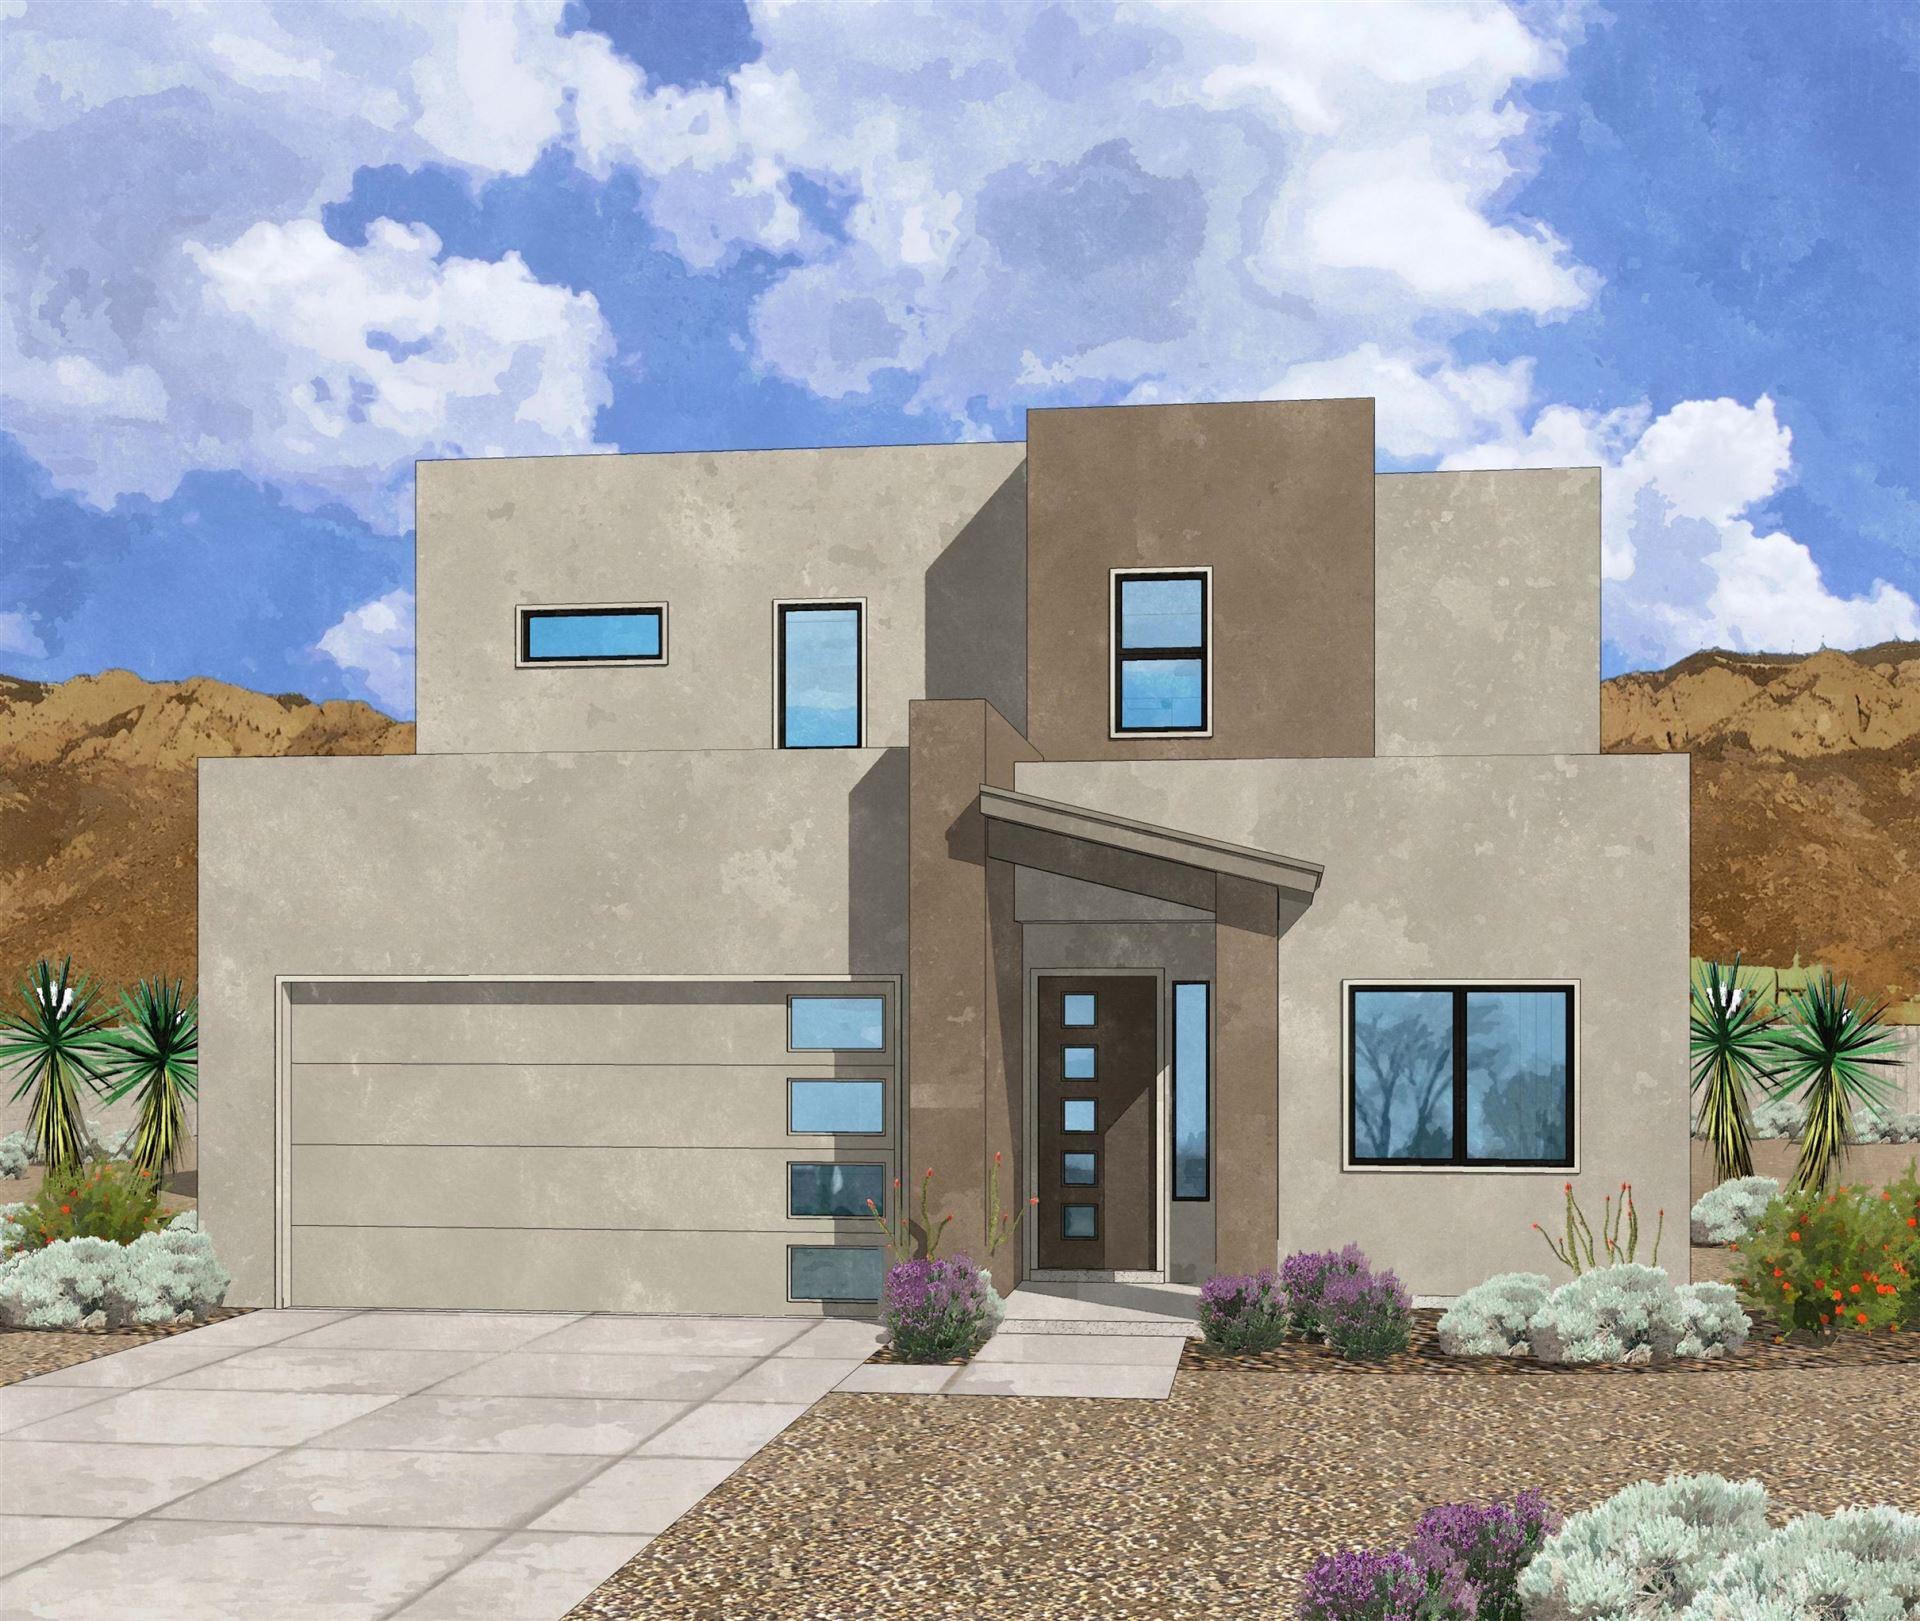 Photo of 2413 Lynn Road SE, Rio Rancho, NM 87124 (MLS # 989386)